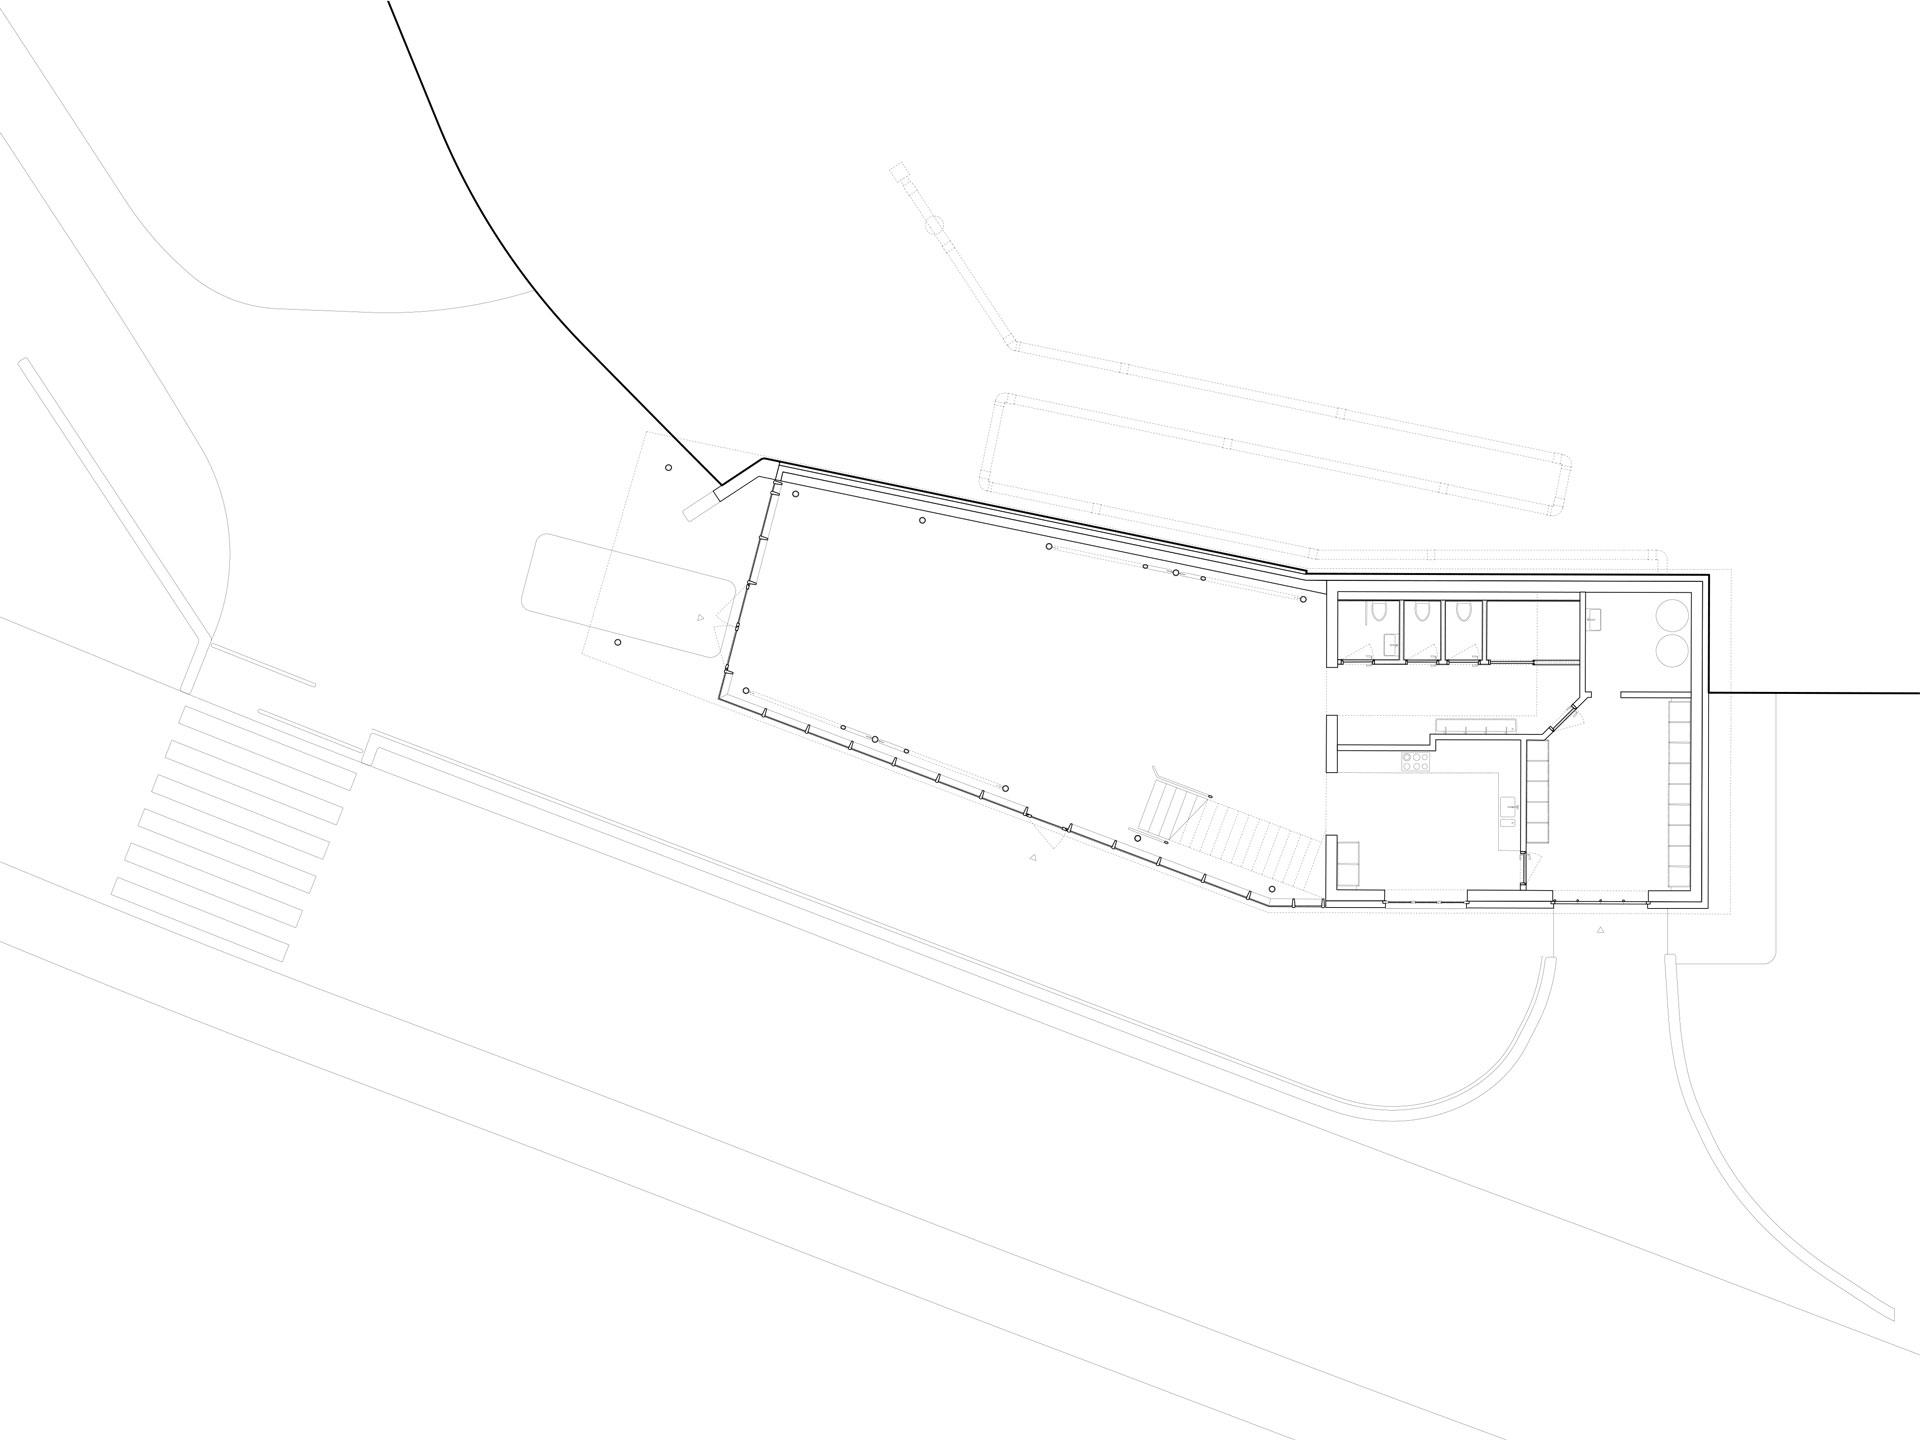 Erdgeschossgrundriss mit dem Hauptraum für die Kinder sowie die angrenzenden Nebenräume